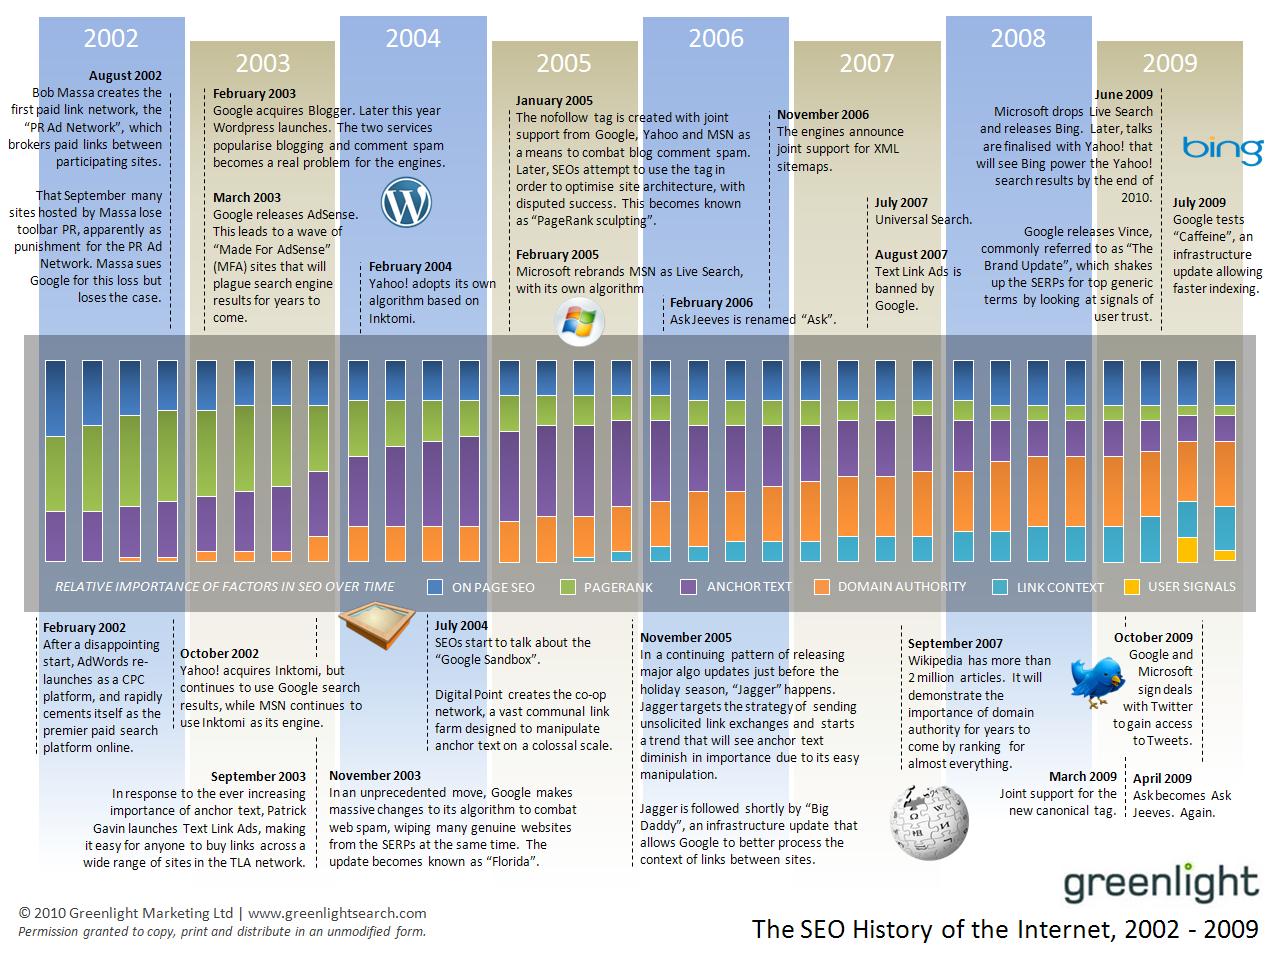 Die Geschichte der Suchmaschinenoptimierung 2002 - 2009